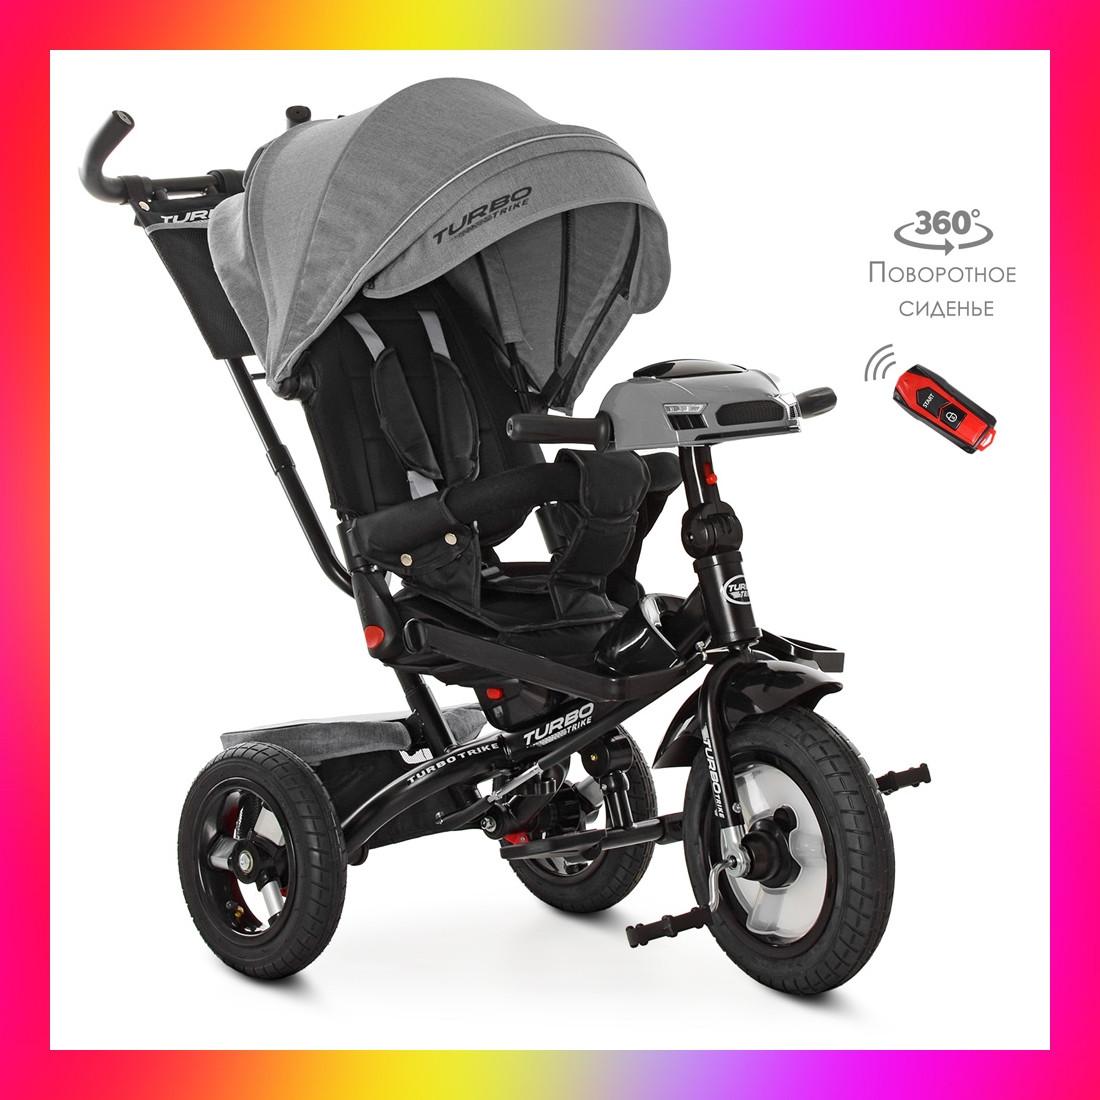 Детский трехколесный велосипед коляска с пультом и поворотным сиденьем Turbotrike 4060 серый